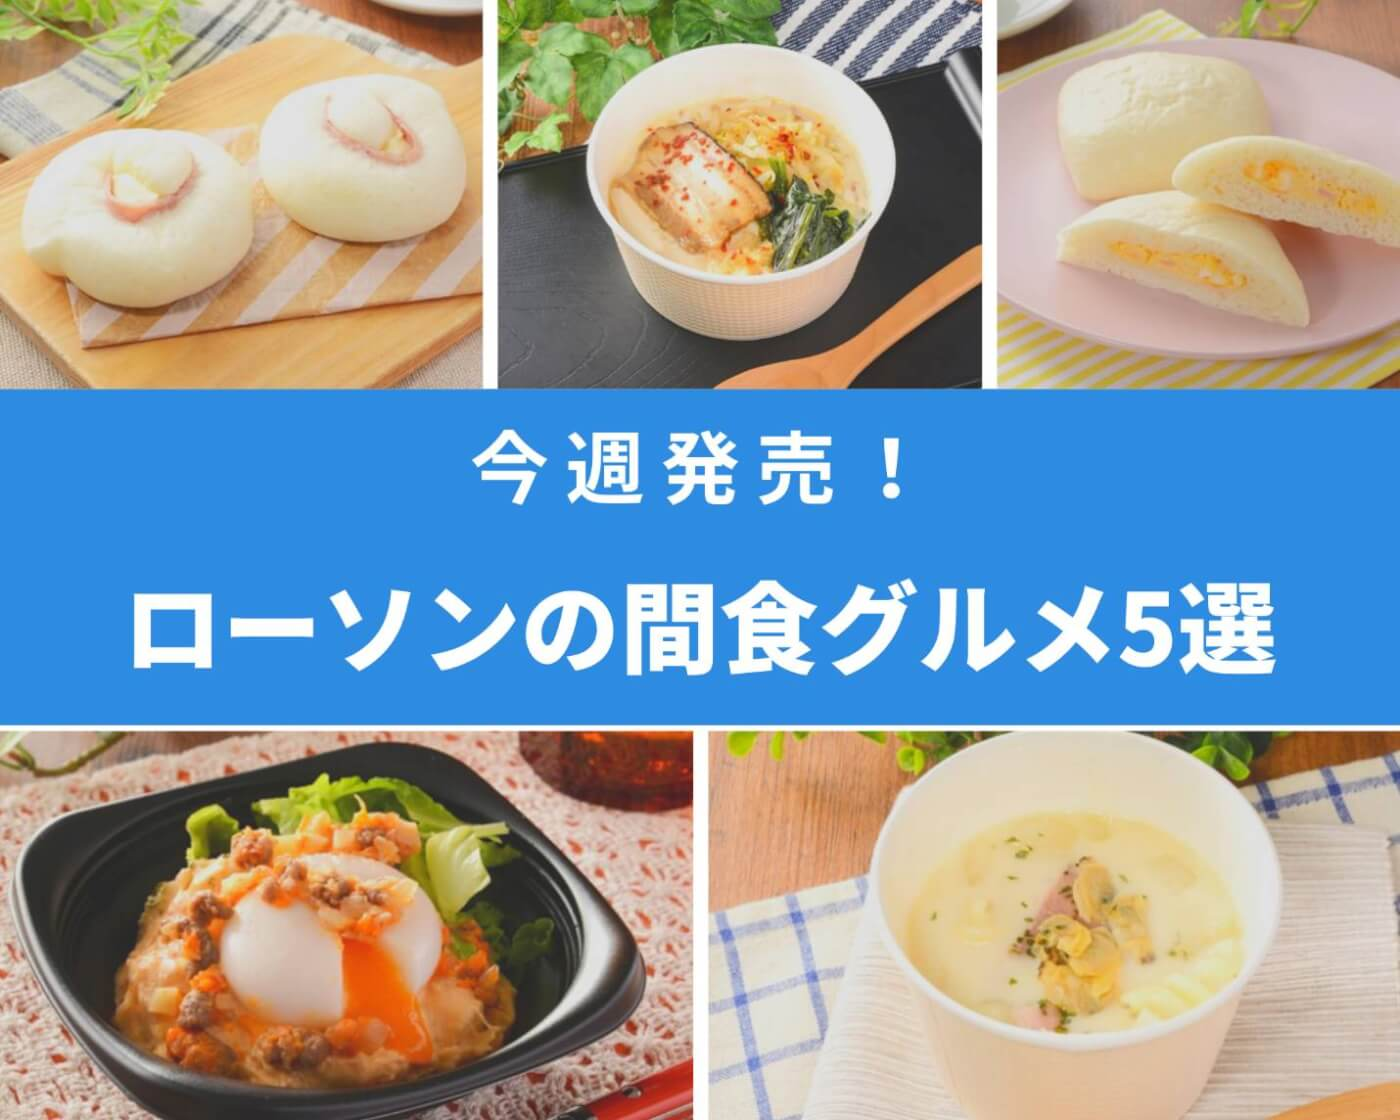 【ローソン新商品】ちょこっと食べたいときに♪小腹を満たしてくれるグルメ5選